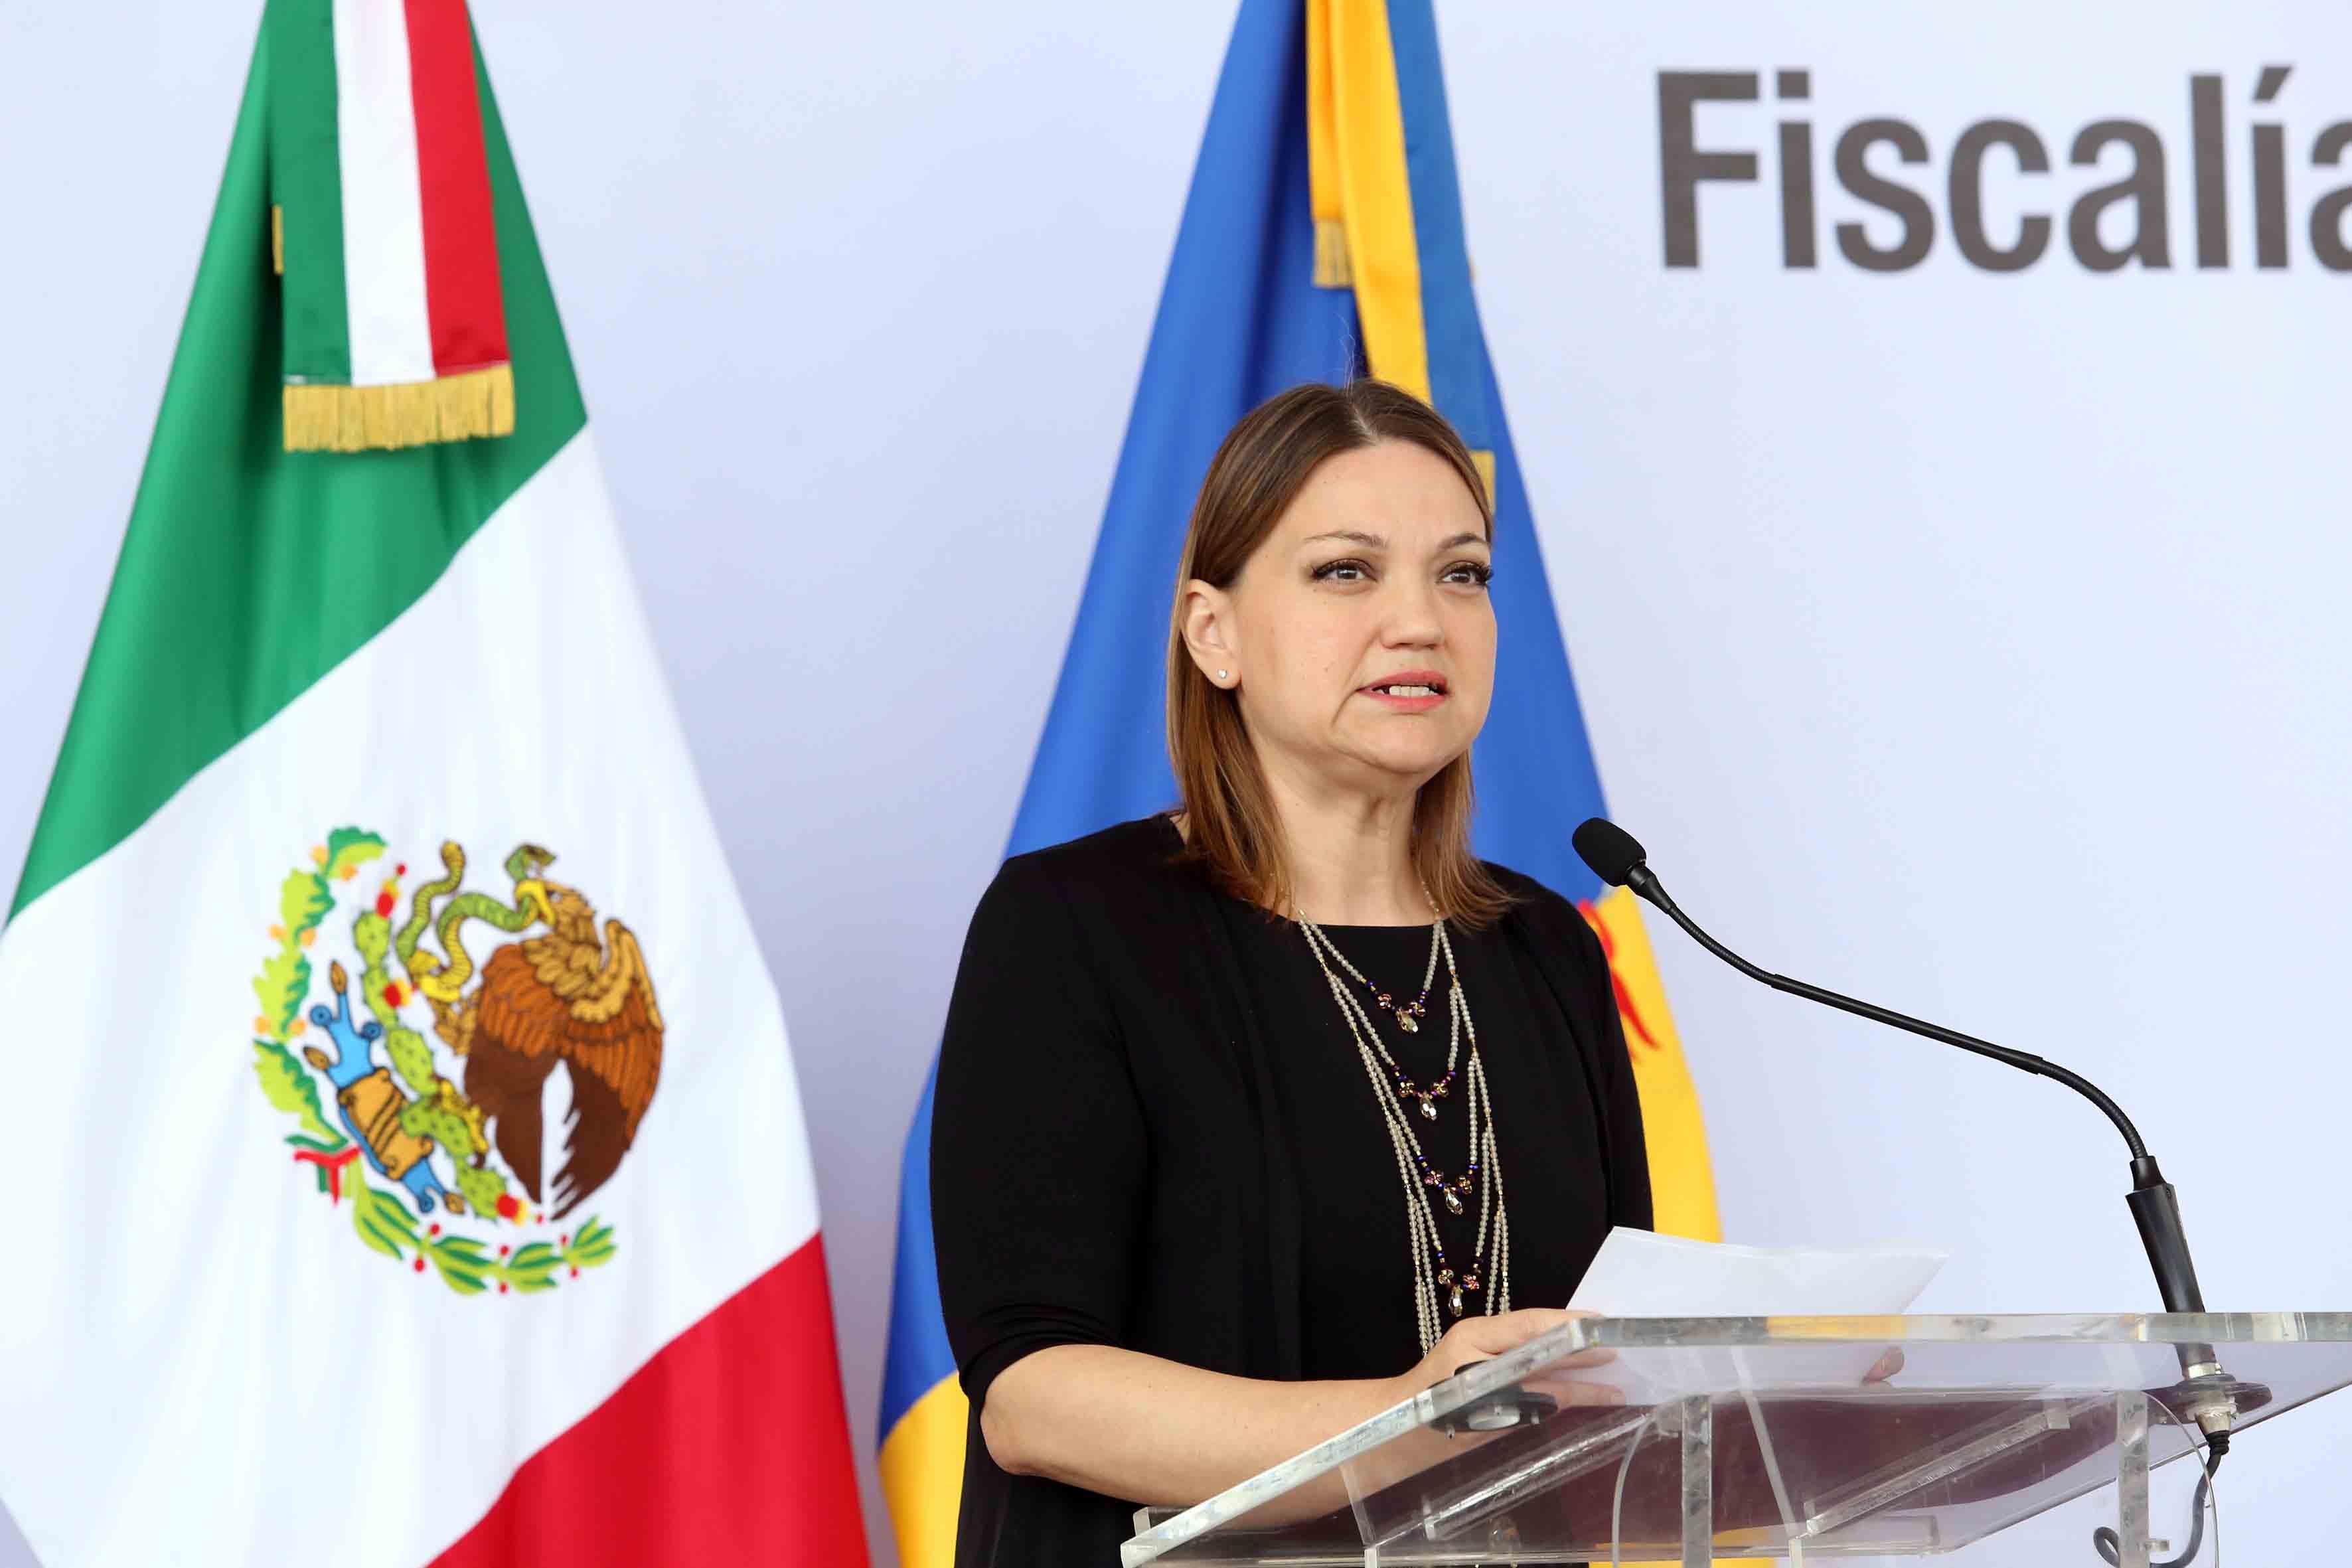 Rectora del CUCiénega, maestra María Felícitas Parga Jiménez haciendo uso de la palabra